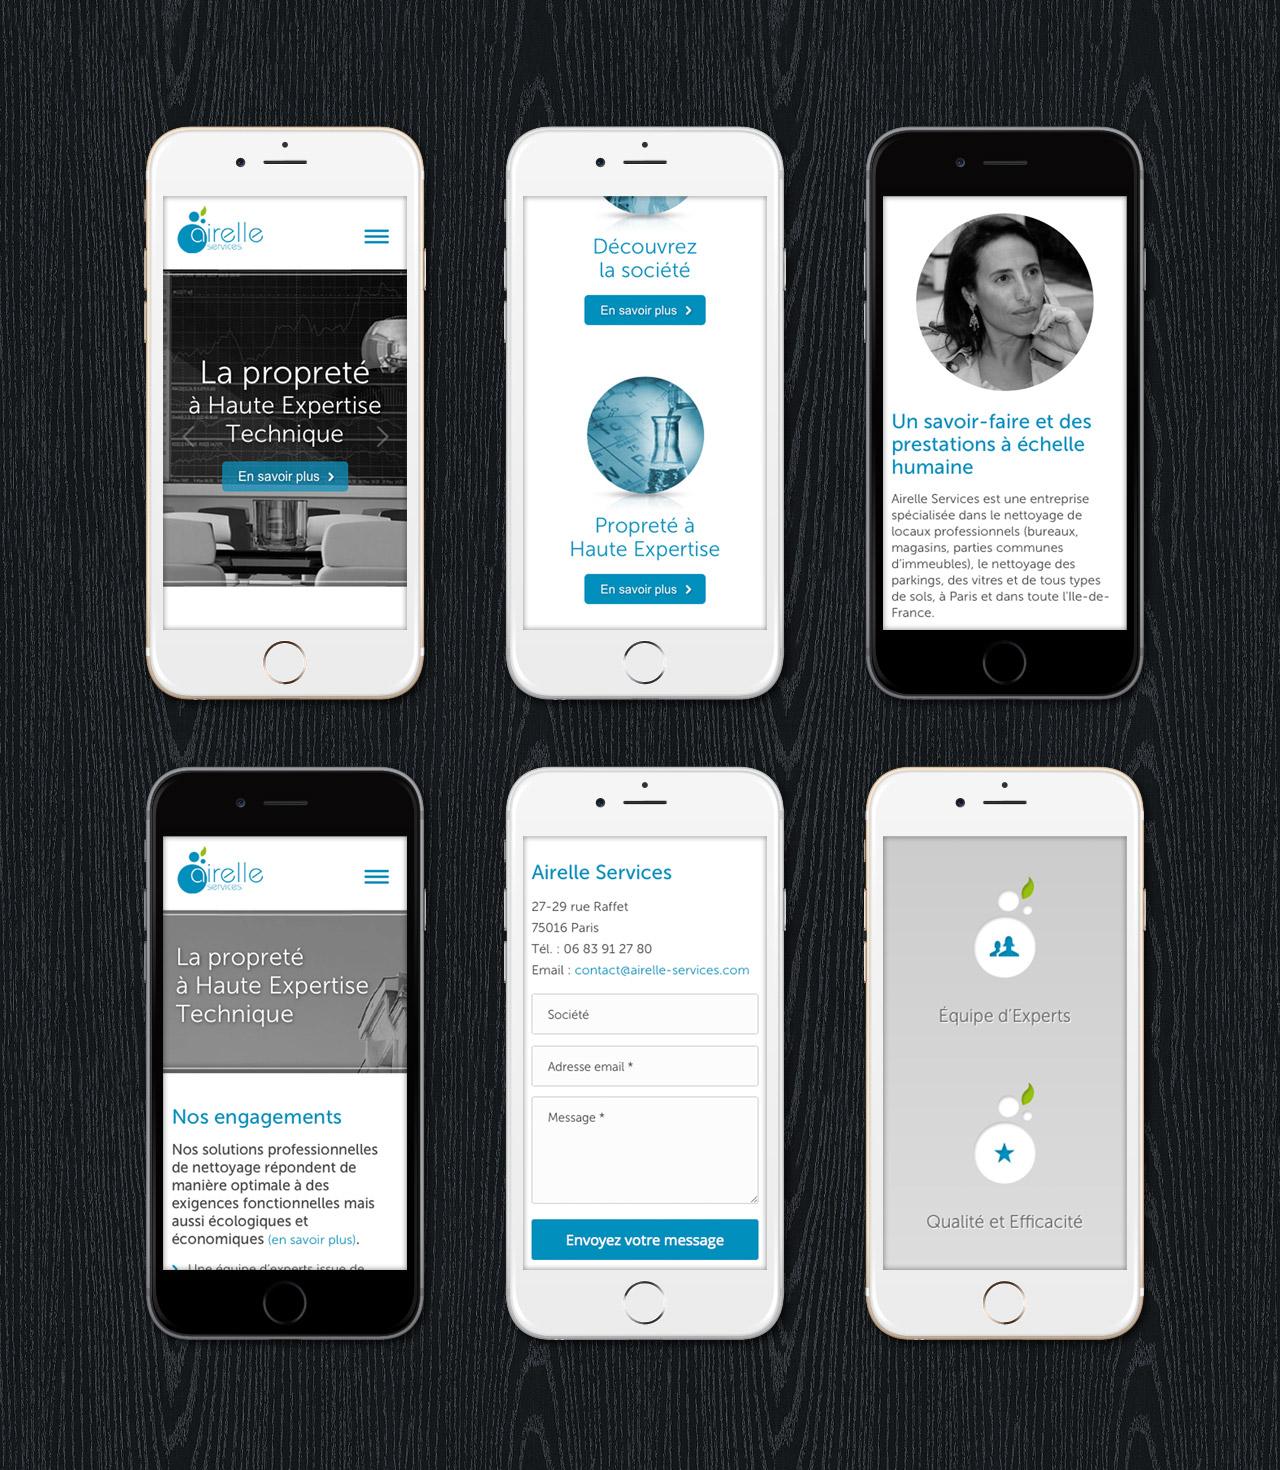 airelle-services-site-mobile-responsive-design-creation-communication-caconcept-alexis-cretin-graphiste